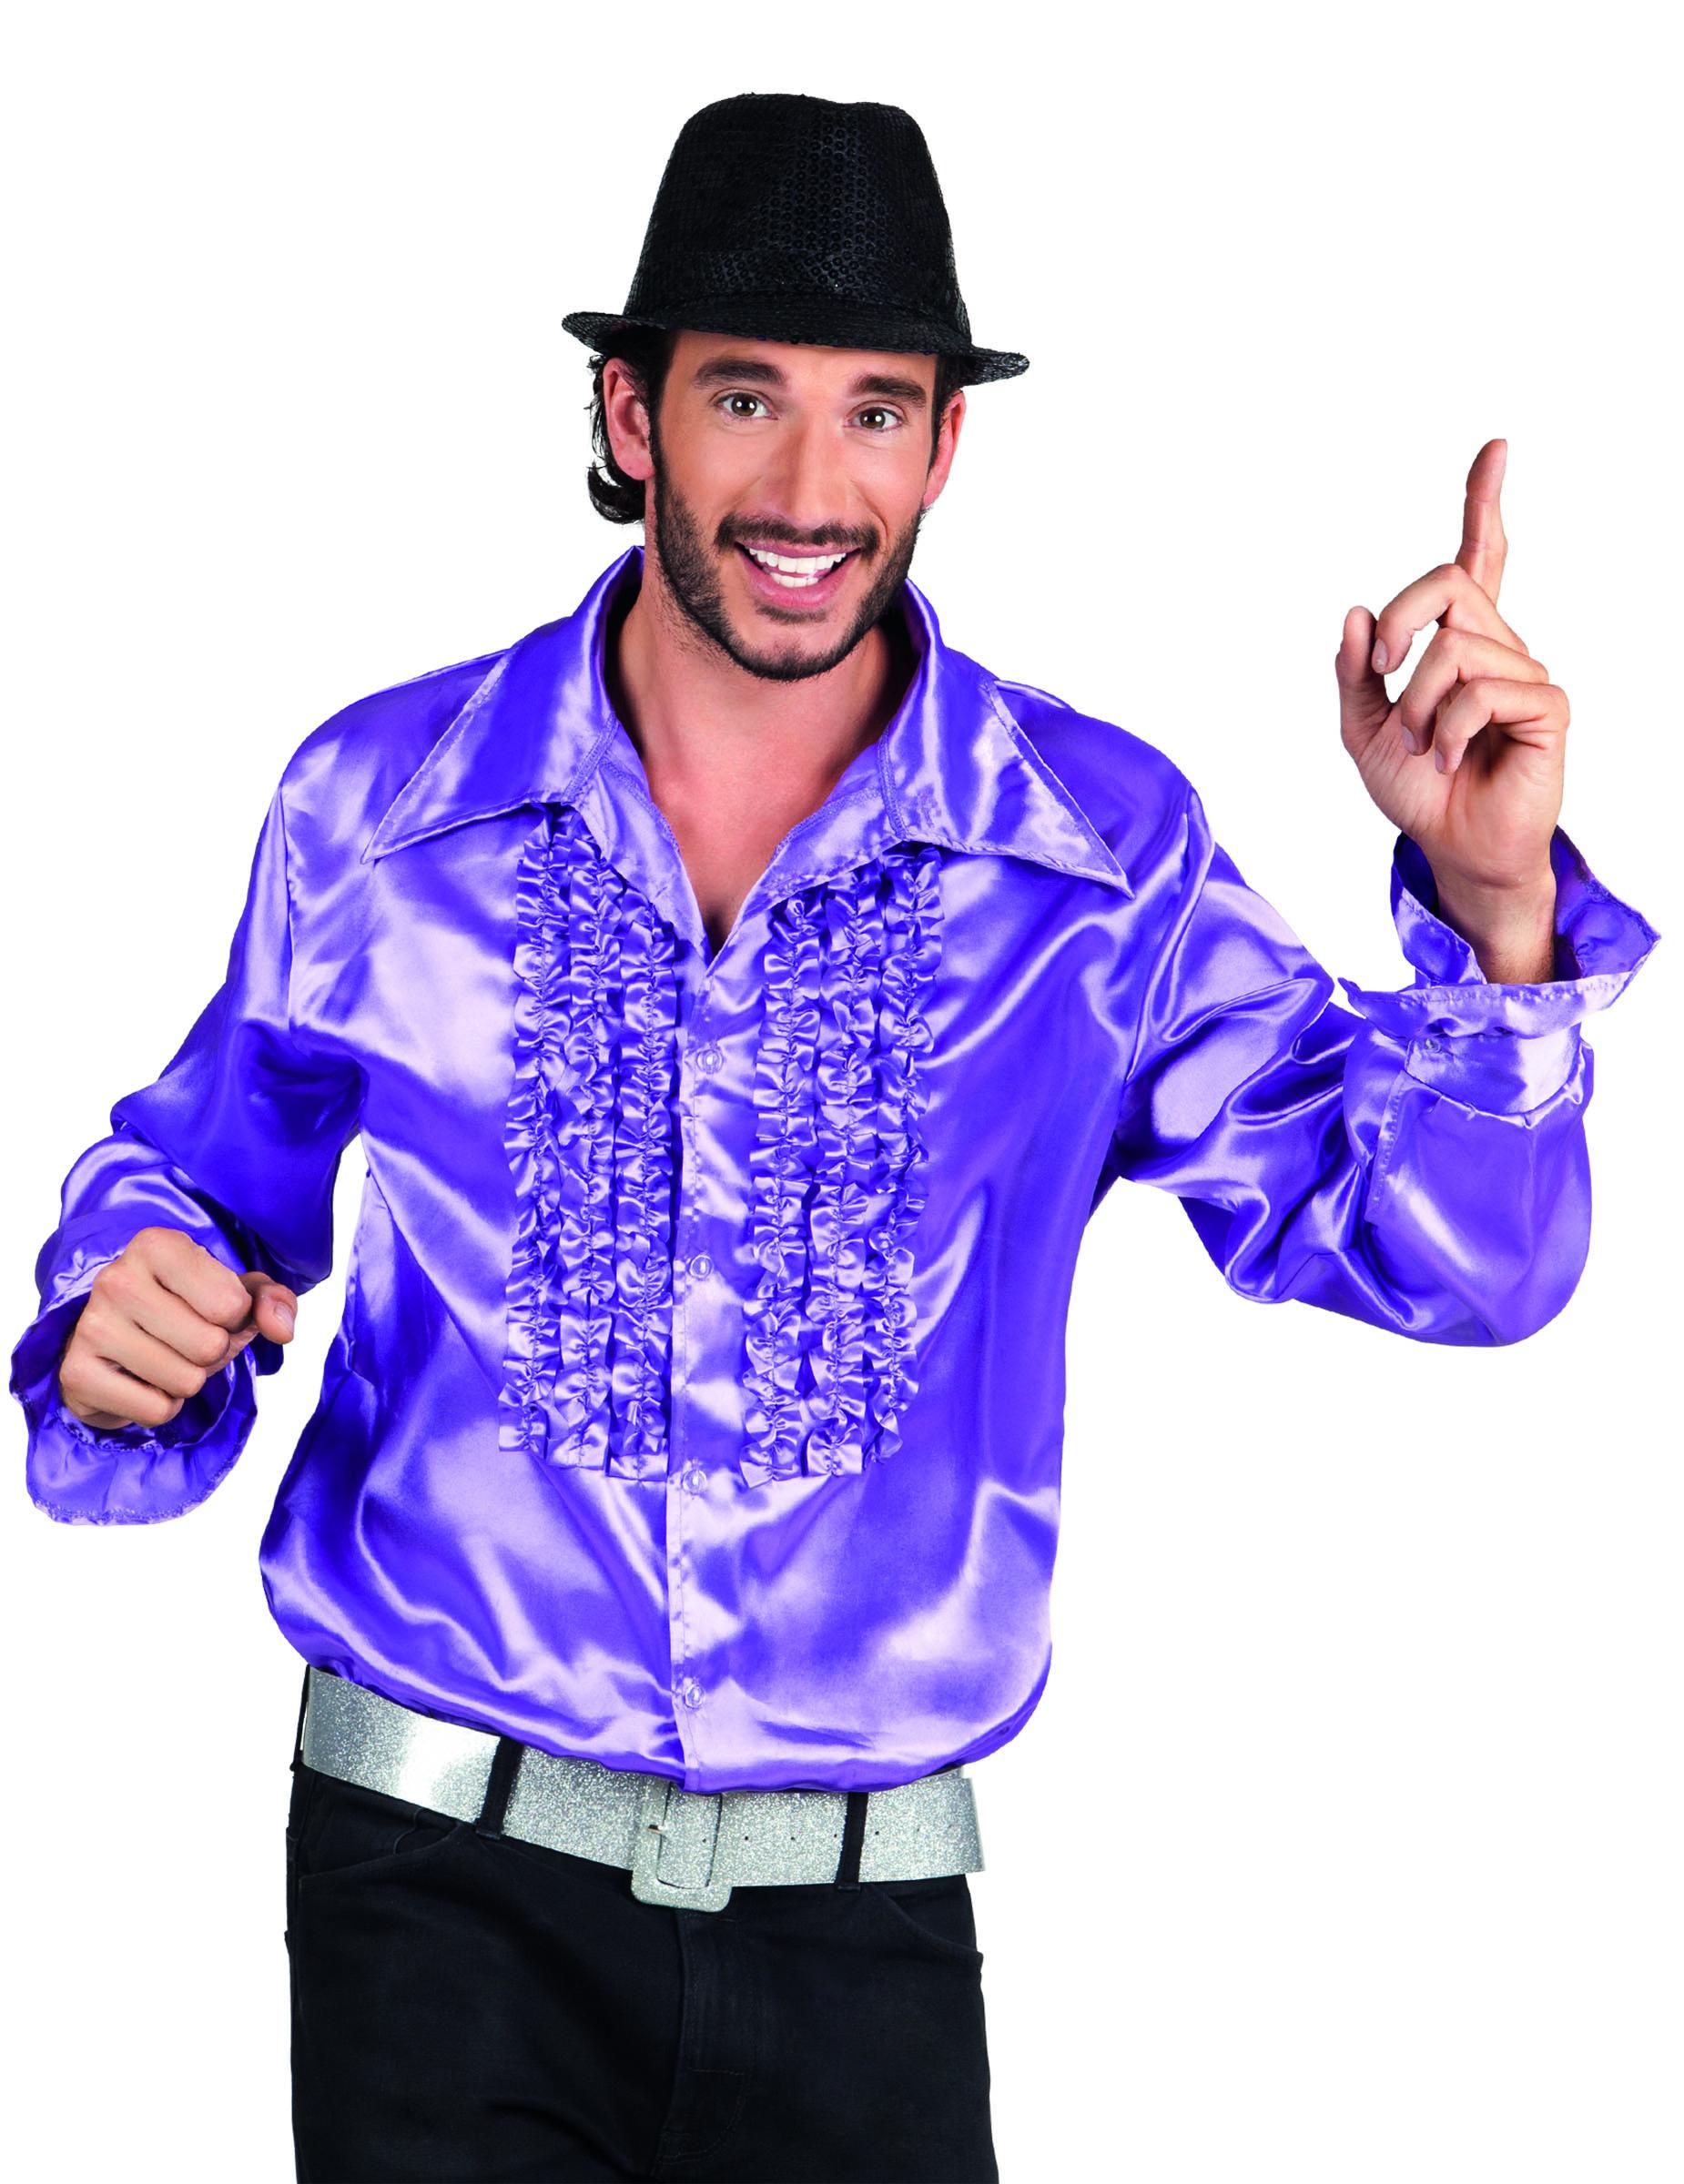 disco hemd mit r schen 70er jahre lila g nstige faschings kost me bei karneval megastore. Black Bedroom Furniture Sets. Home Design Ideas